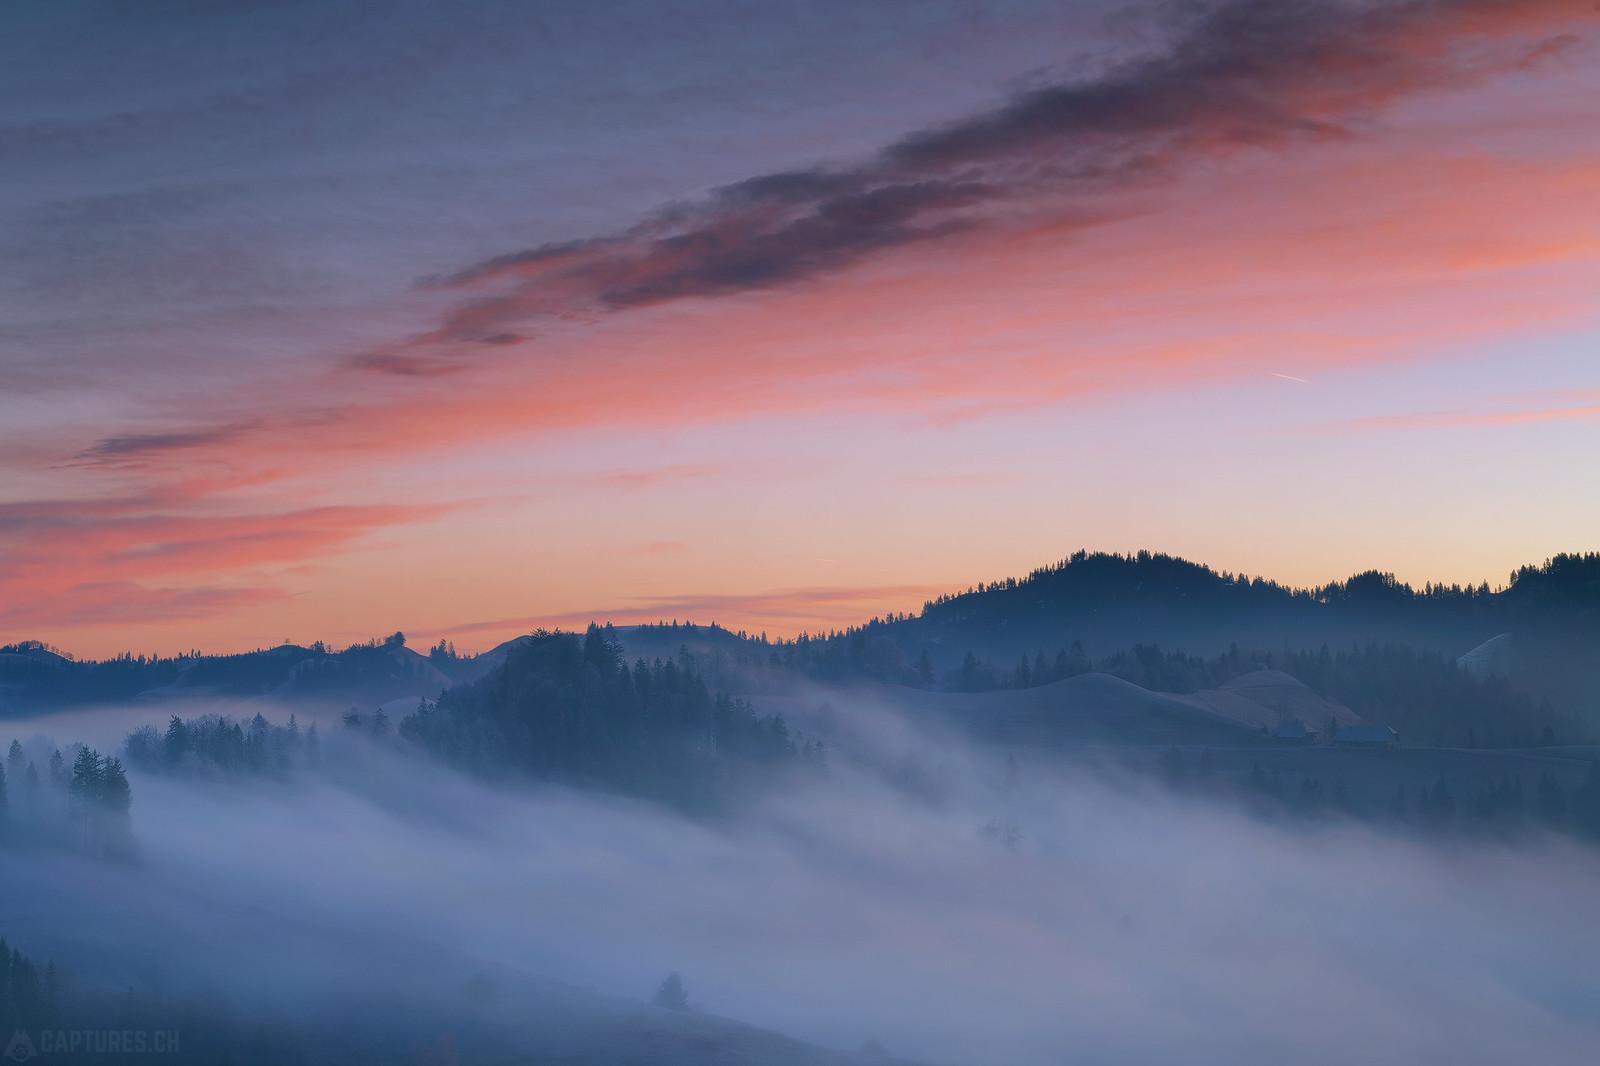 Fog - Lüderenalp